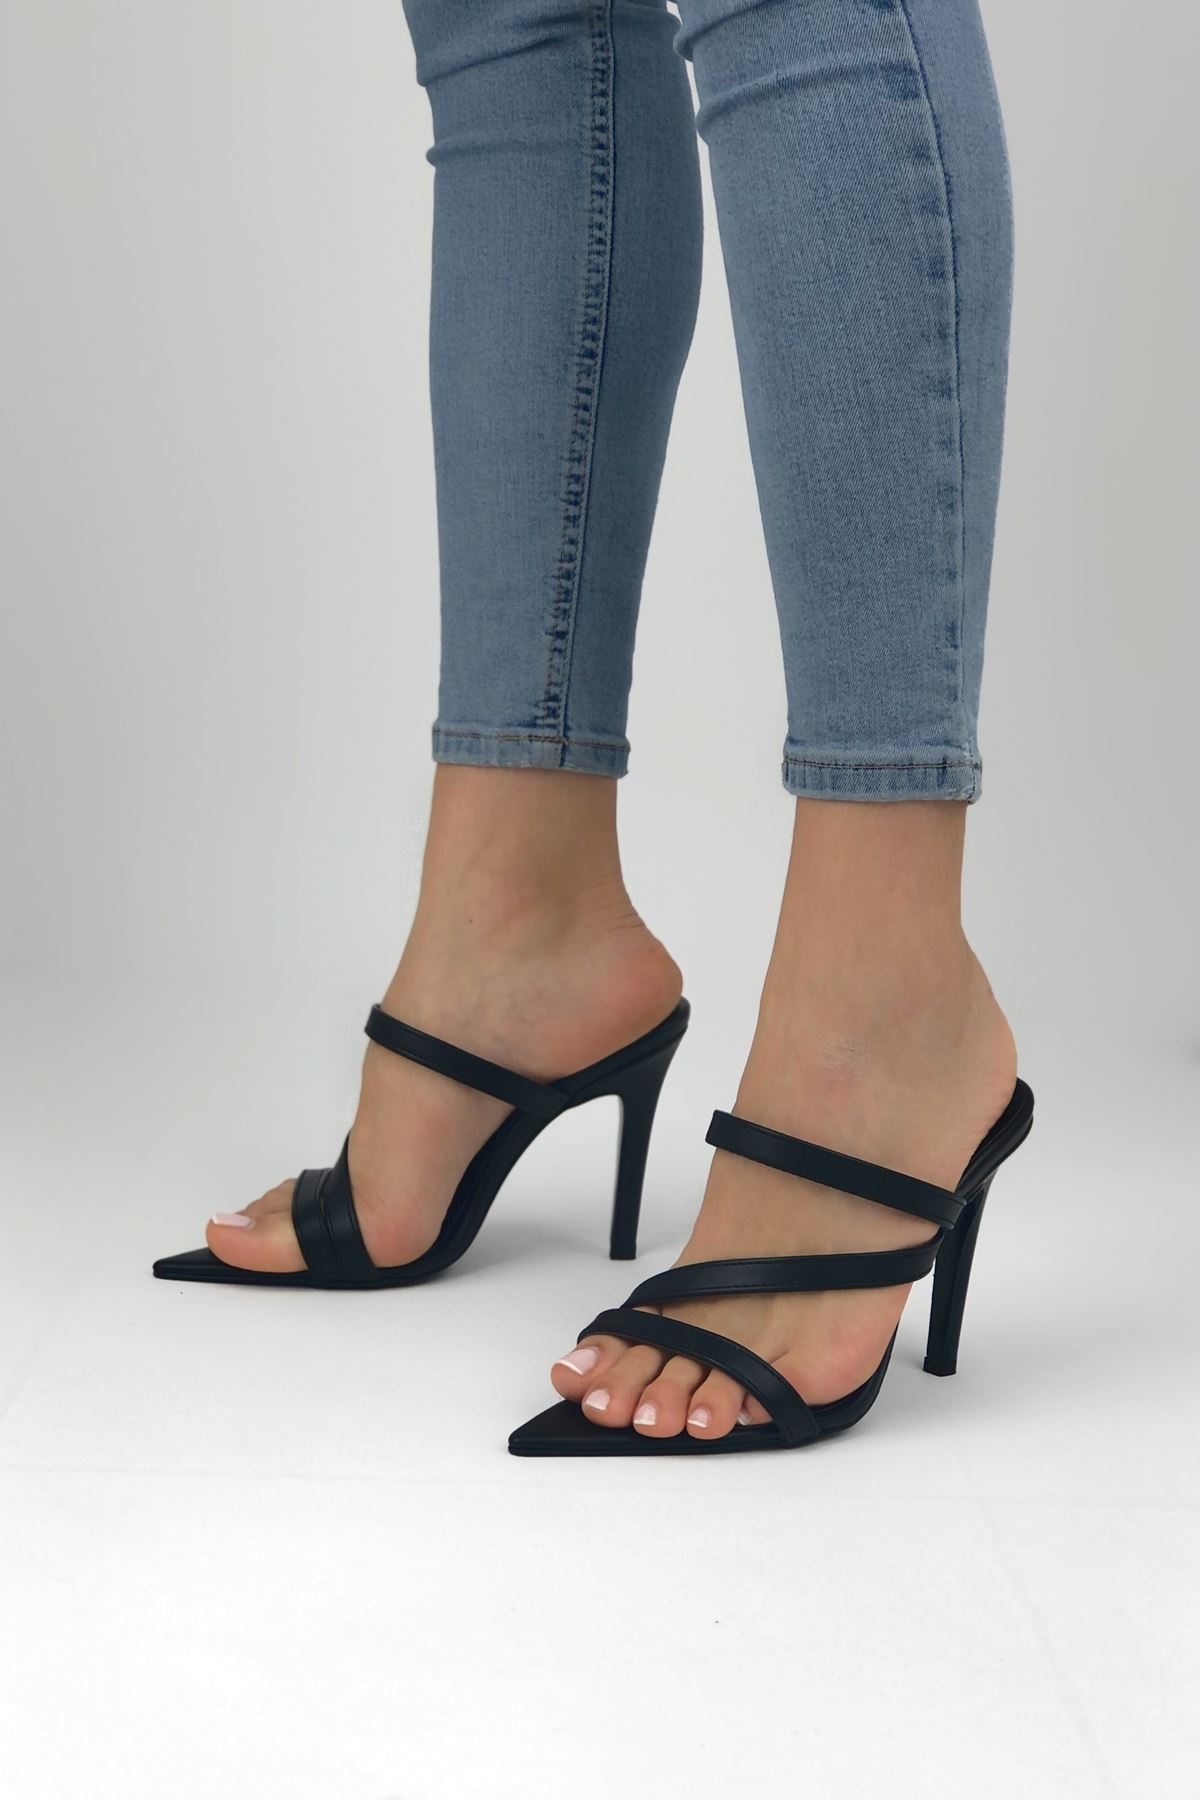 Almeda Siyah Cilt Topuklu Kadın Terlik